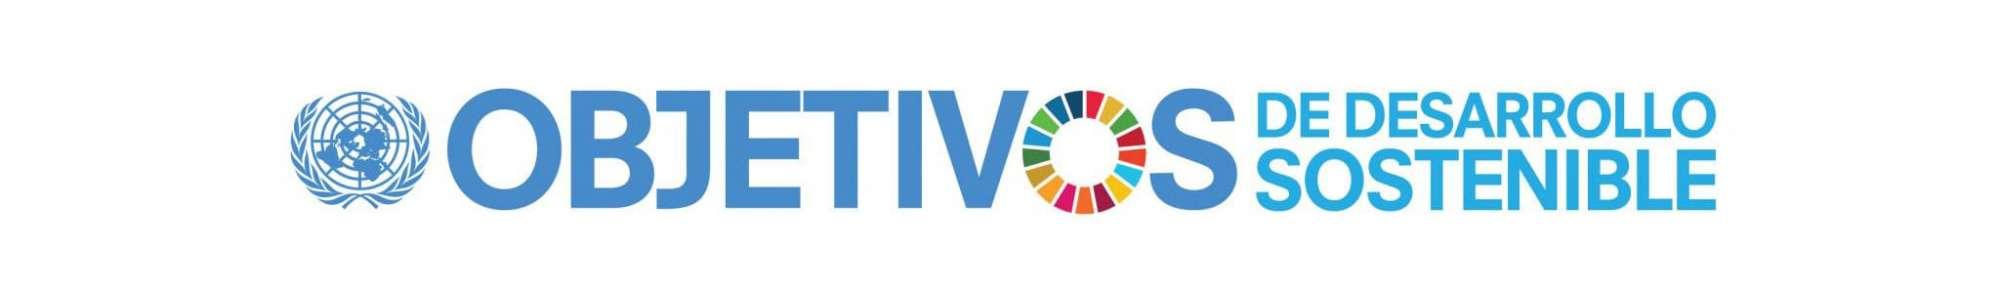 ONU objetivos de desarrollo sostenible